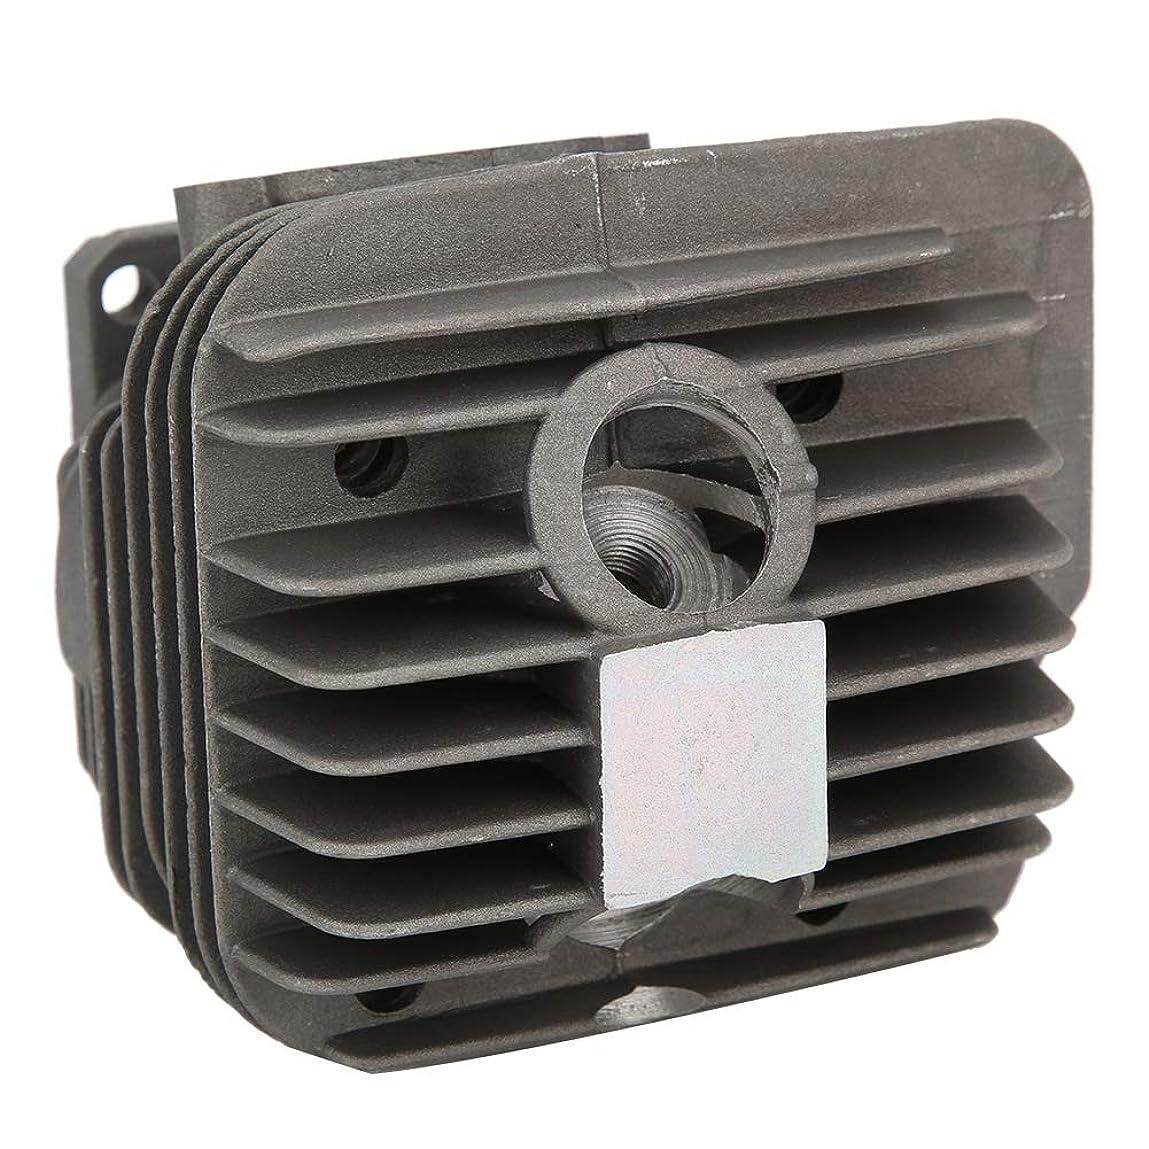 問い合わせるゴミミンチハードウェア電動工具高硬度シリンダー+ STIHL MS460用のピストン耐摩耗性ダイカストアルミニウム